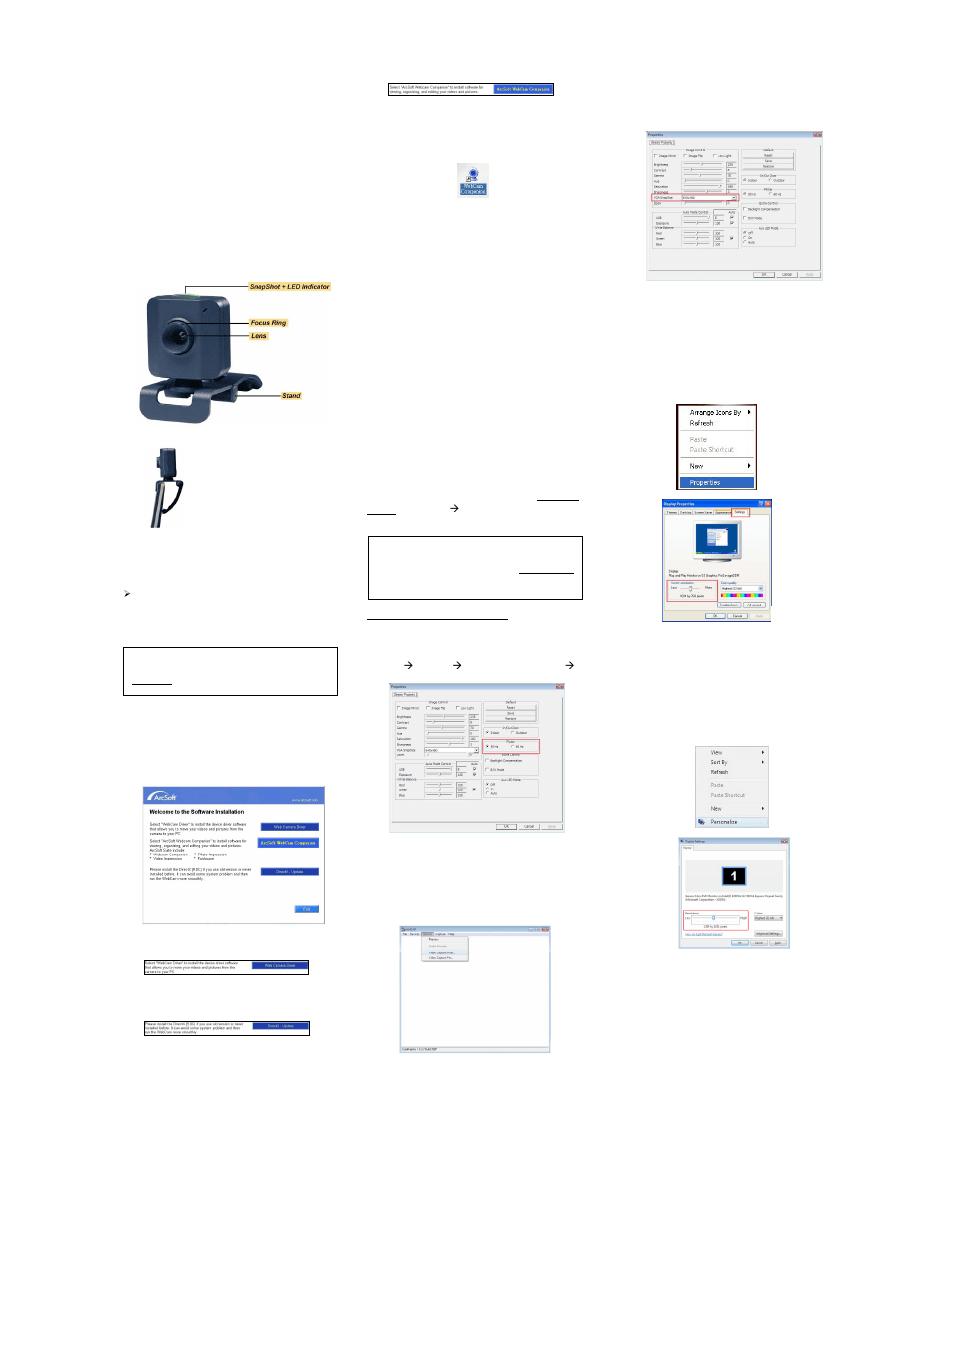 EMPREX WEB CAMERA DRIVER